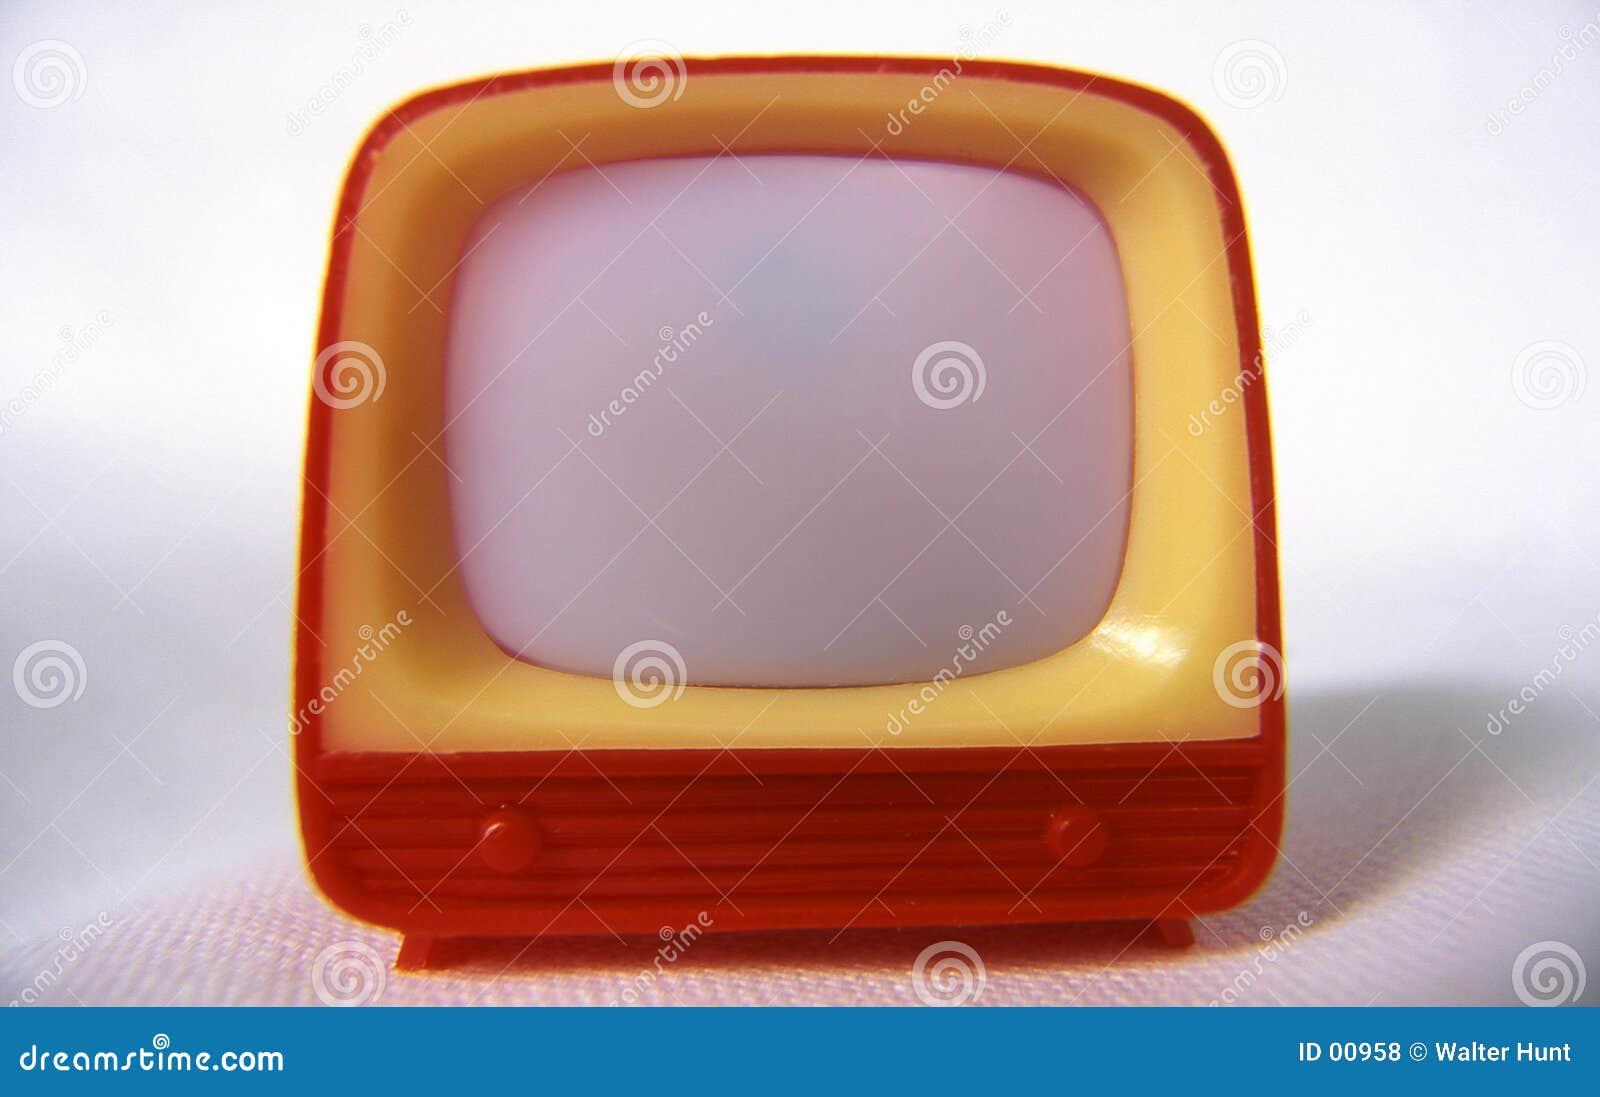 Televisão plástica